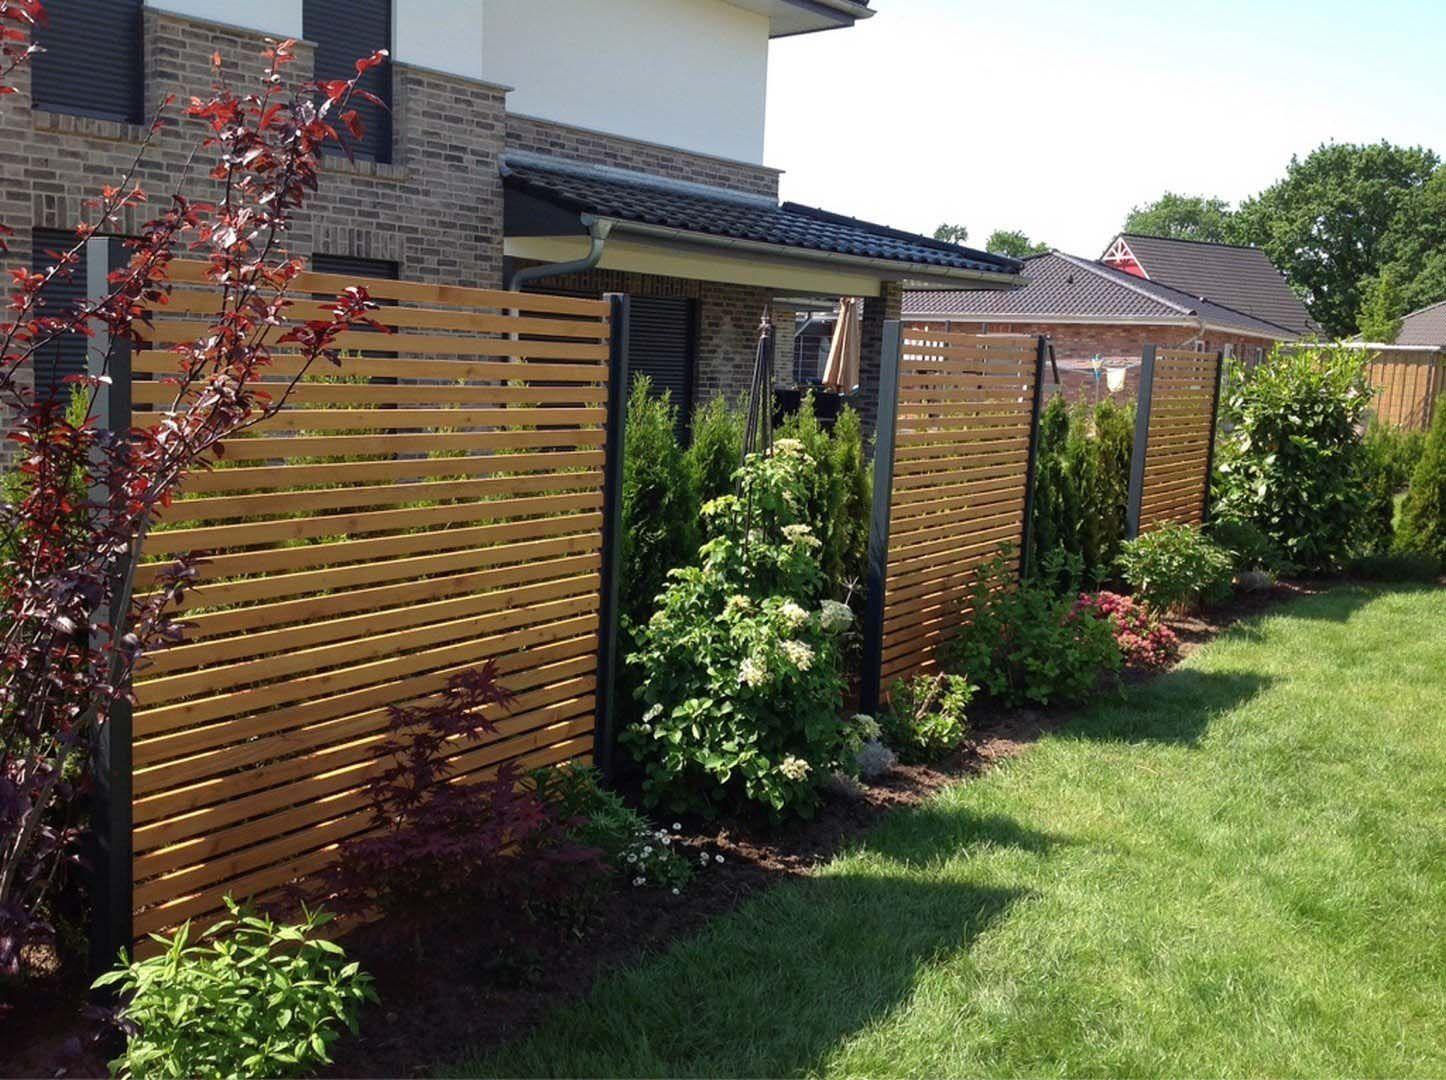 Gartengestaltung Pflege Terrassen Terrassen Sichtschutz Deko ... Terrassen Sichtschutz Deko Varianten